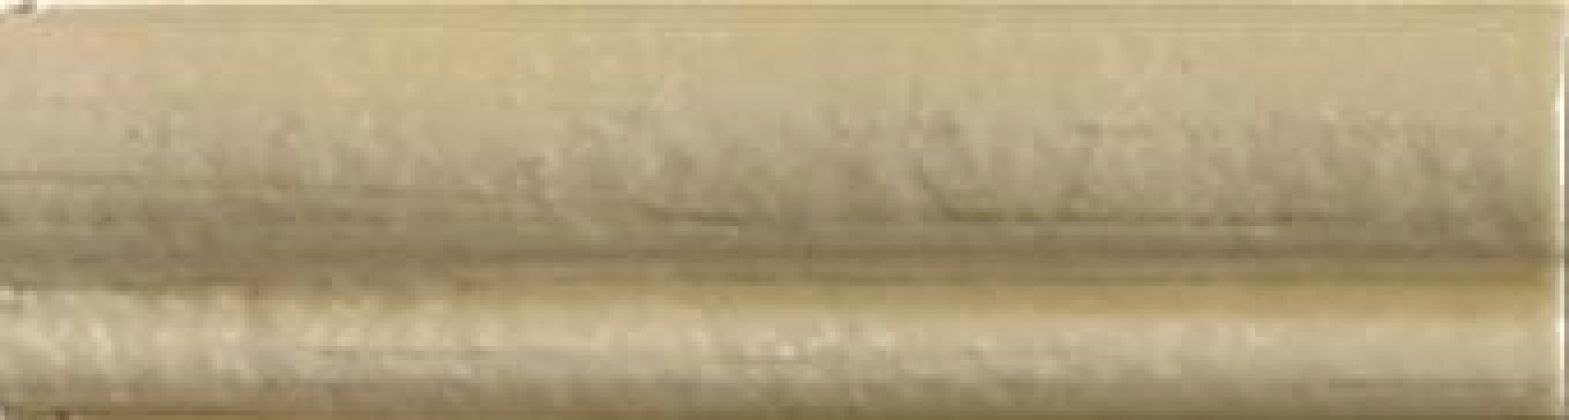 MOLDURA CHIC BEIGE 4x15